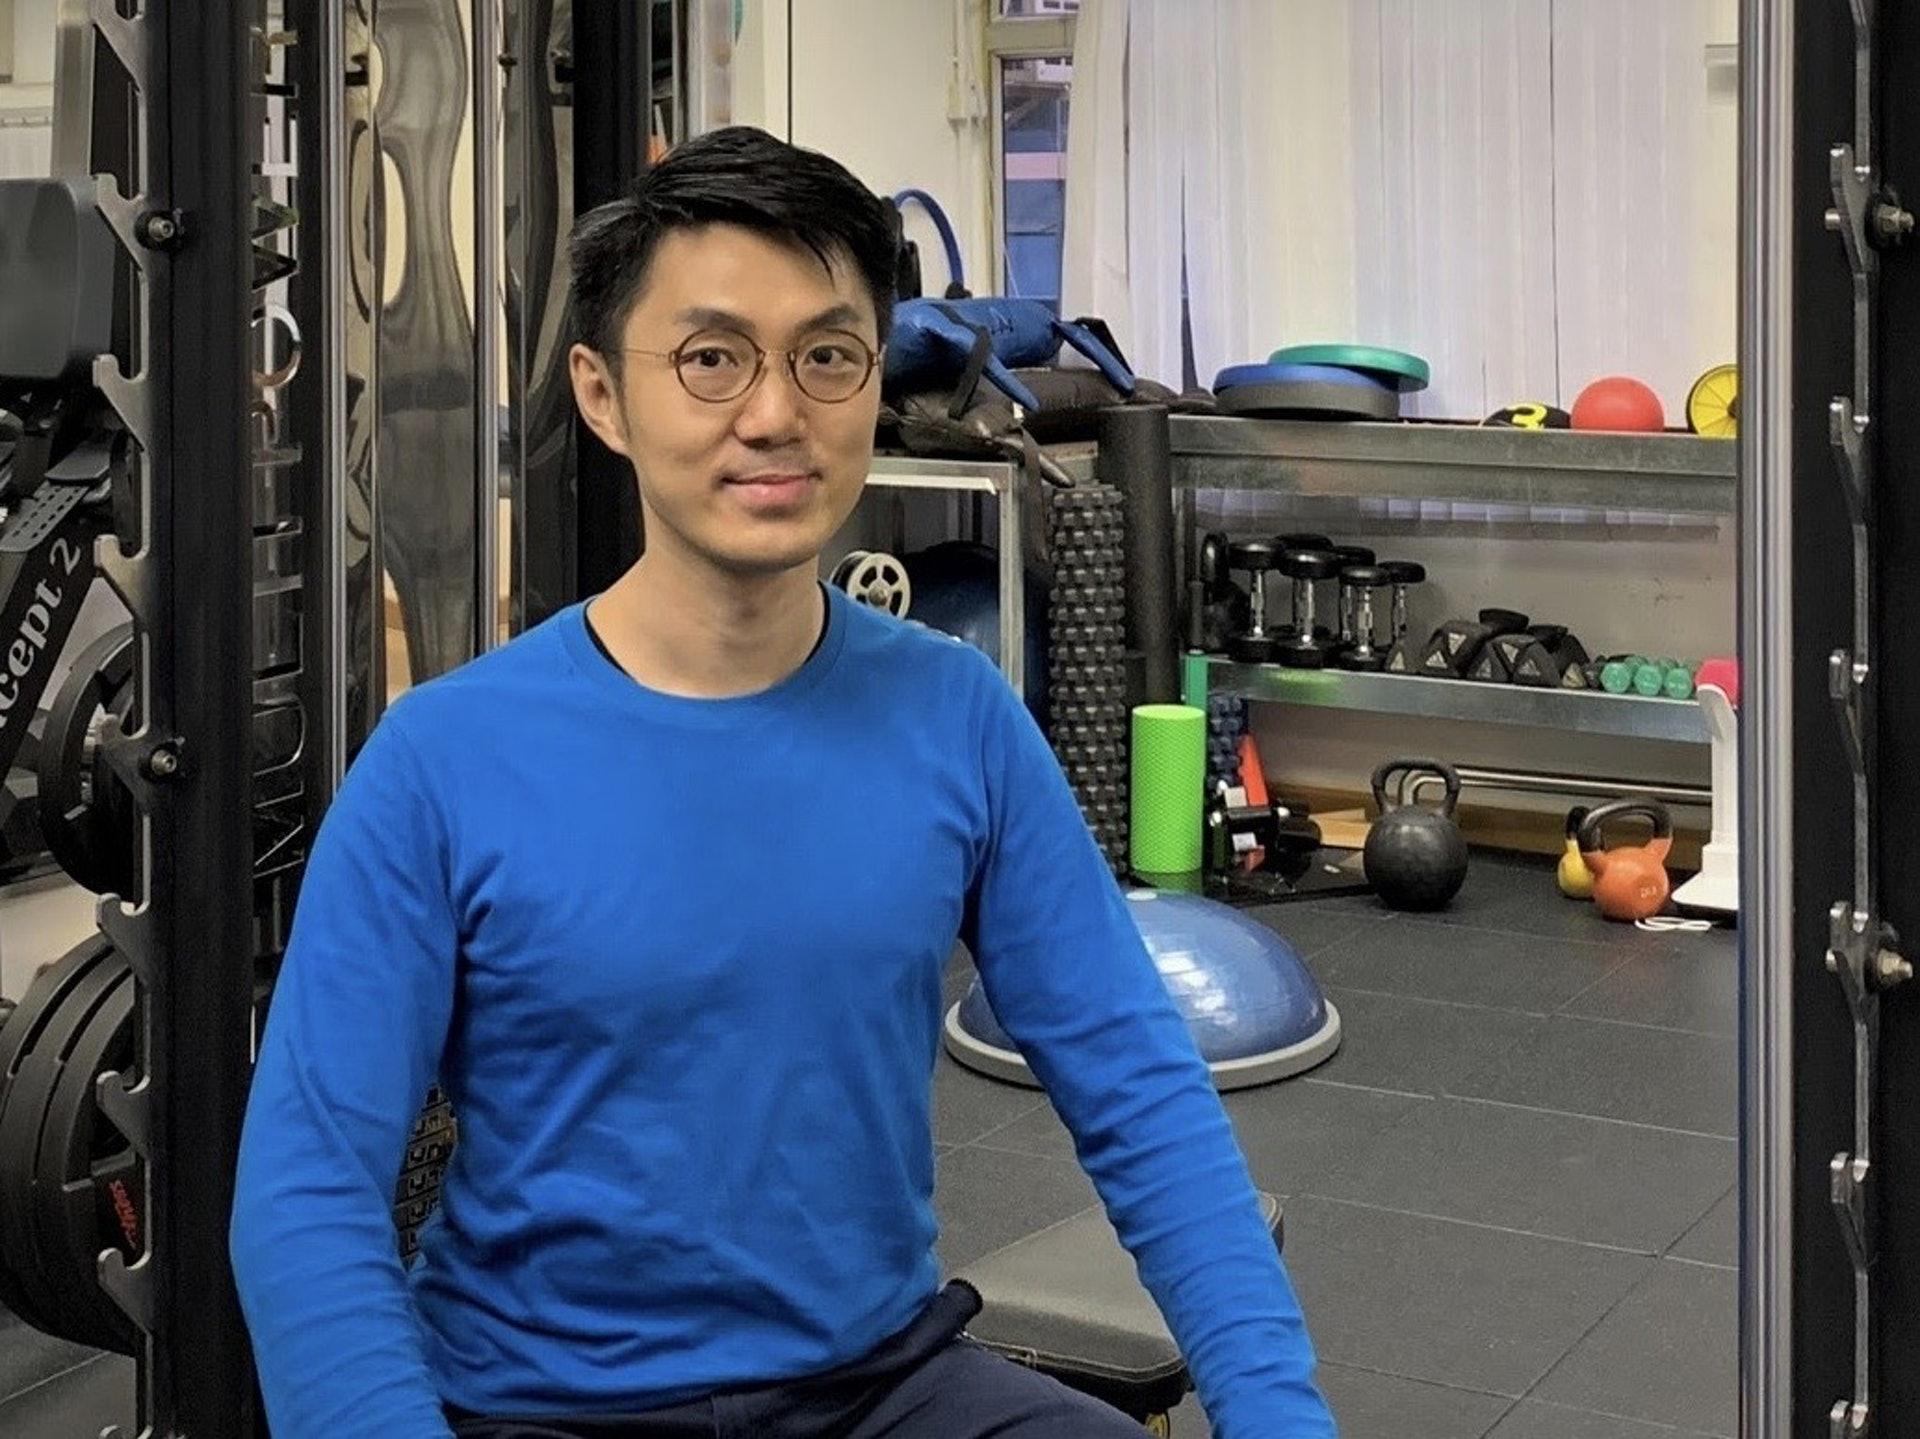 註冊物理治療師梁佑文(撰稿人授權提供)